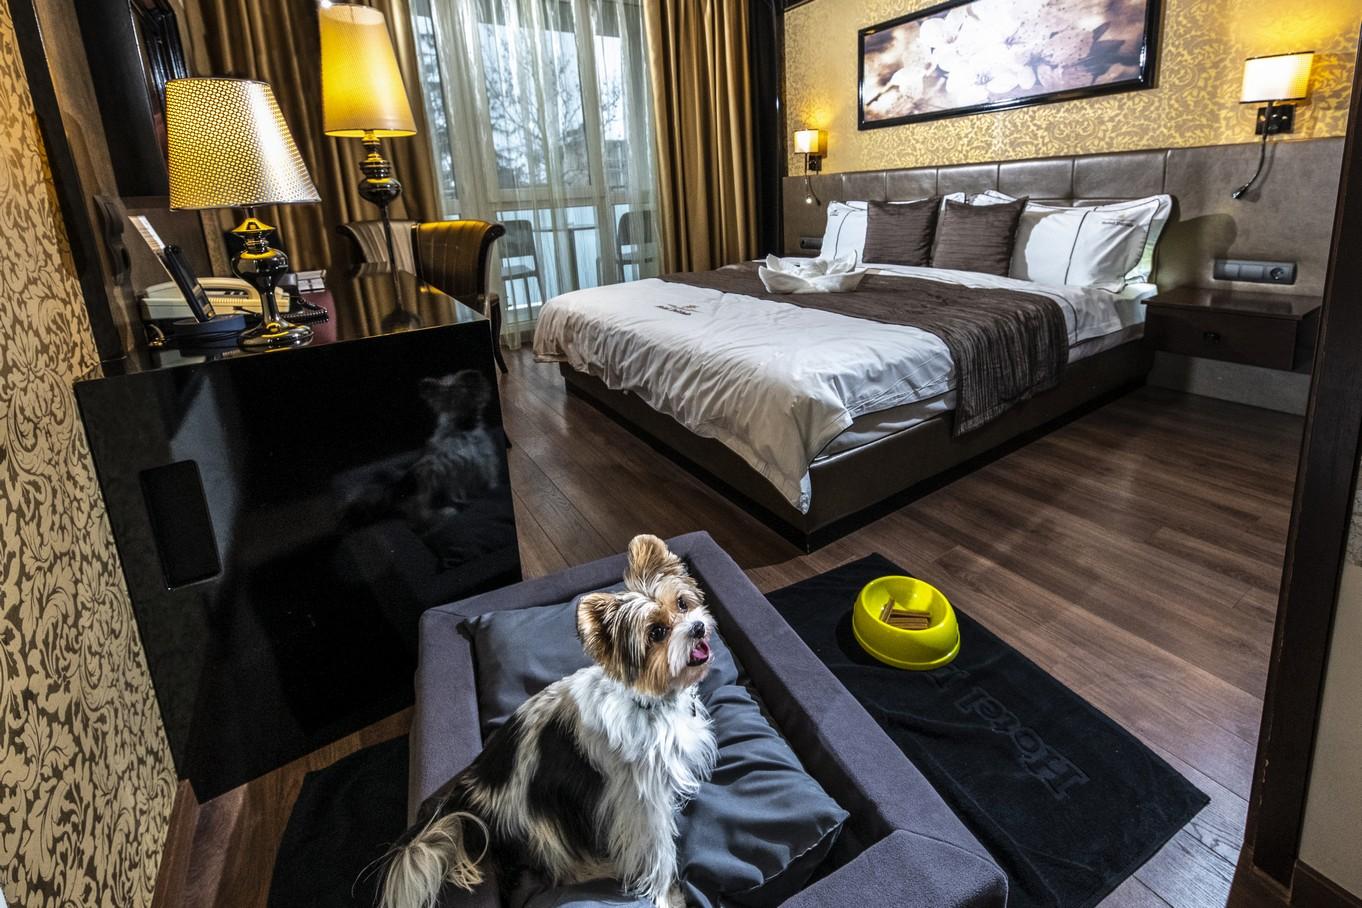 Parkettas-erkelyes-szoba-Kisallat-HotelDelibab